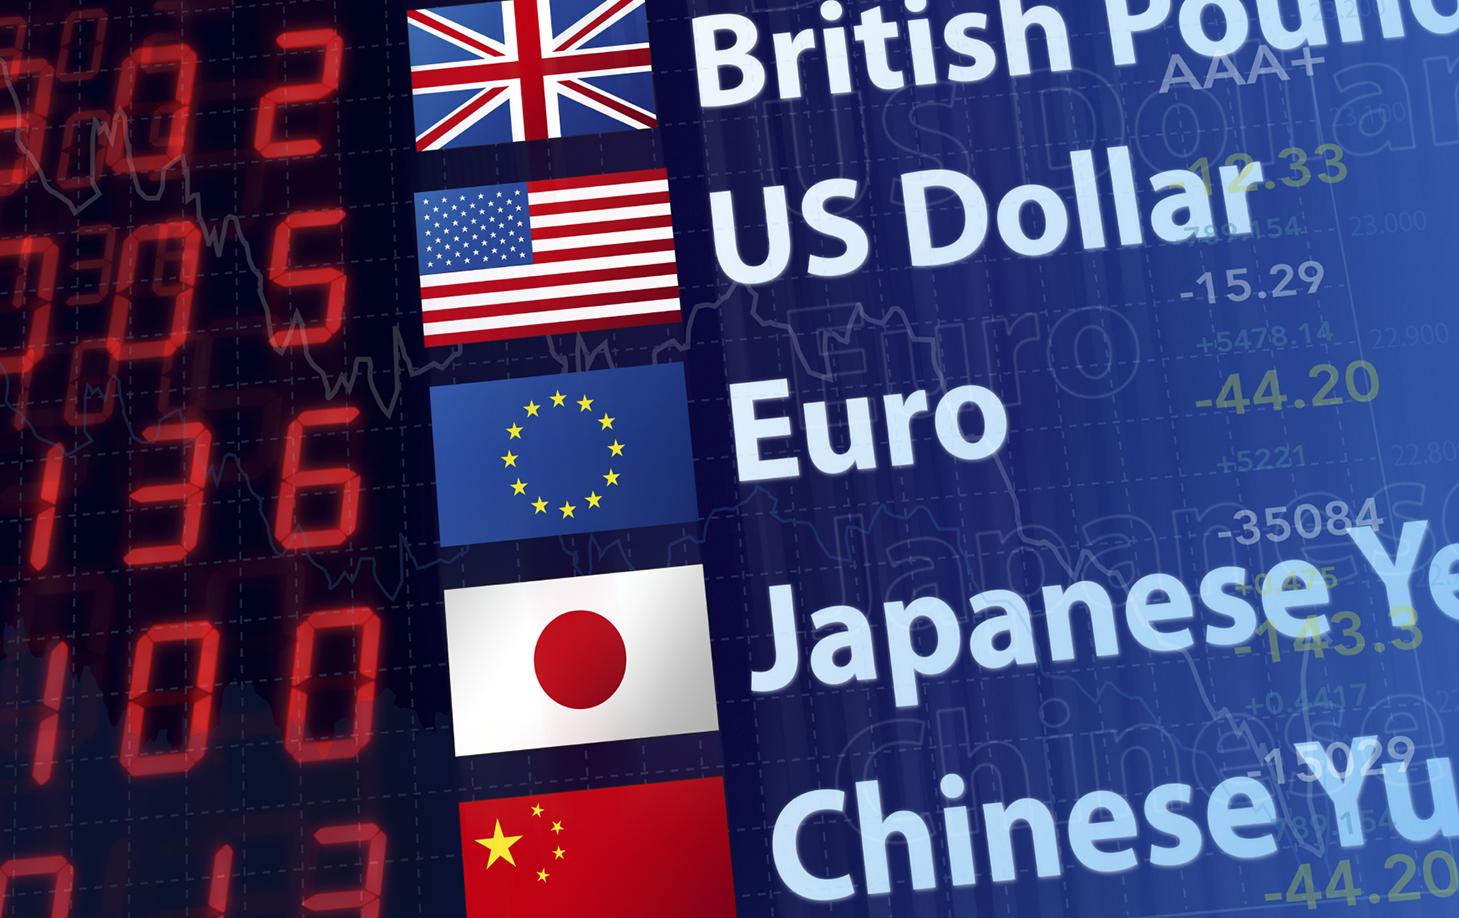 Tỷ giá hạch toán USD tháng 1/2020 là 23.162 đồng/USD